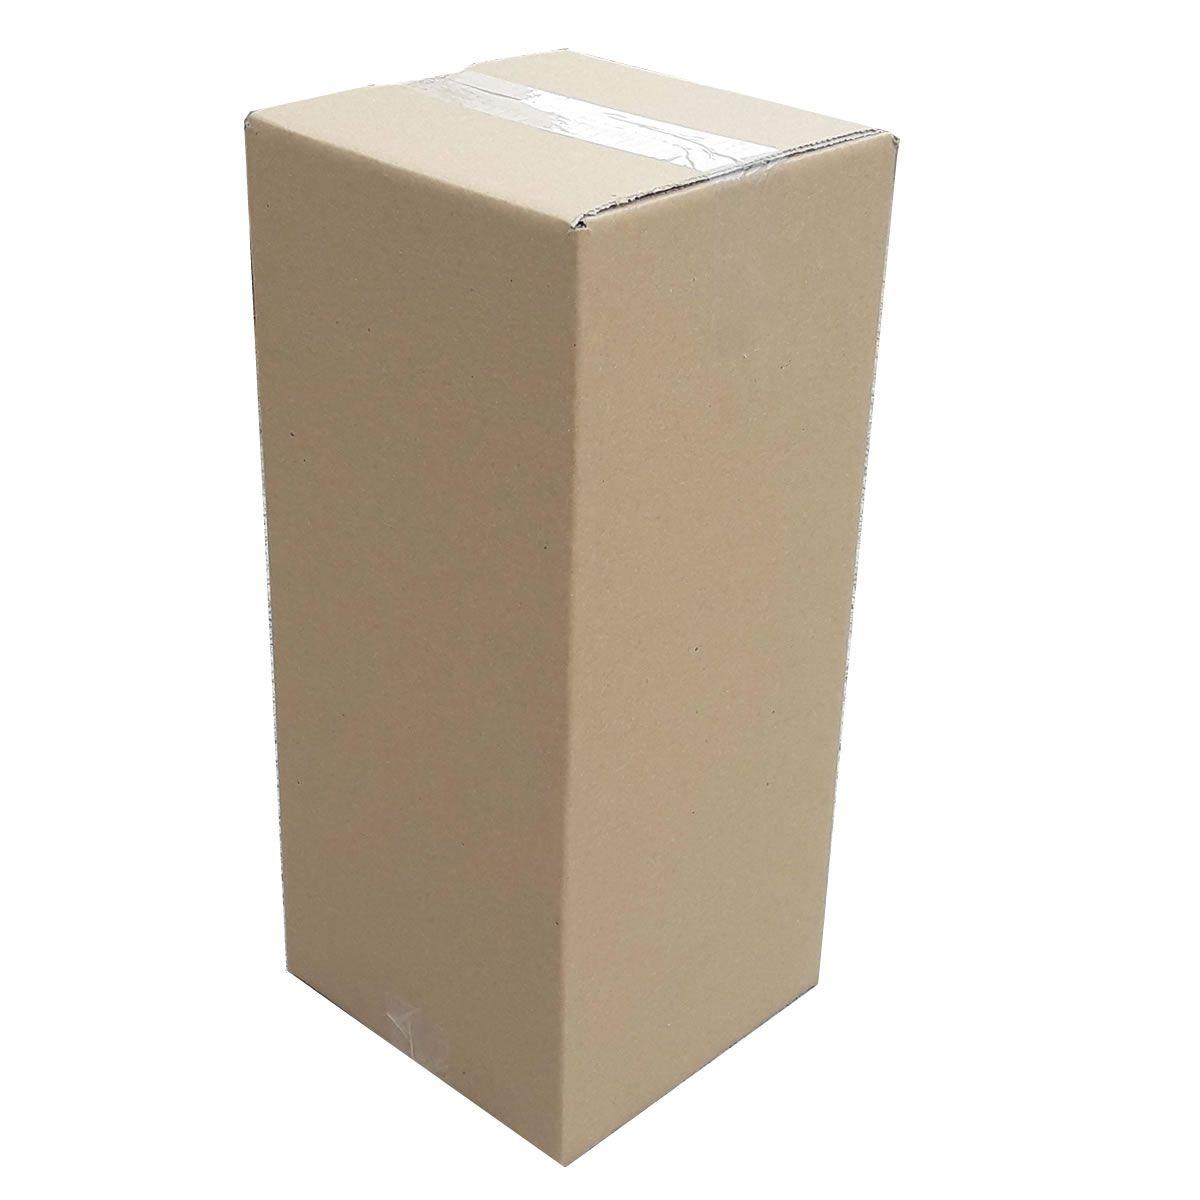 10 Caixas De Papelão 20x20x46 Para correio e transportes